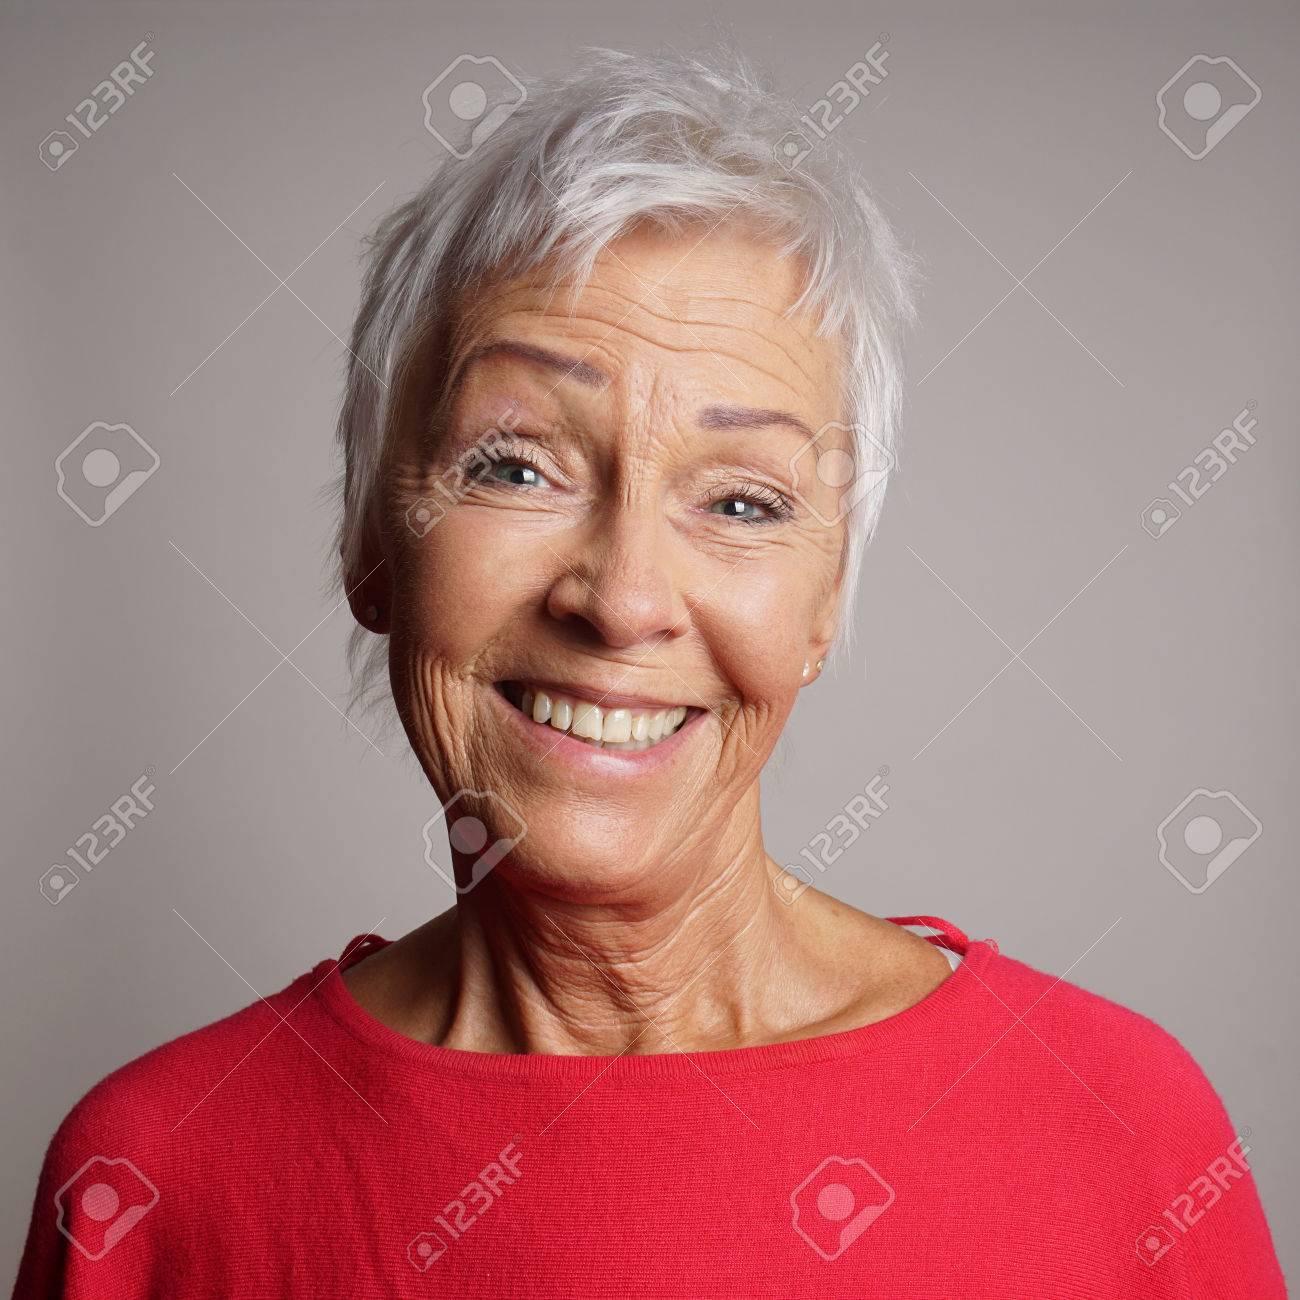 Archivio Fotografico - Felice donna più anziana negli anni  60 con i capelli  corti alla moda dei capelli bianchi ridendo c61195b530a6